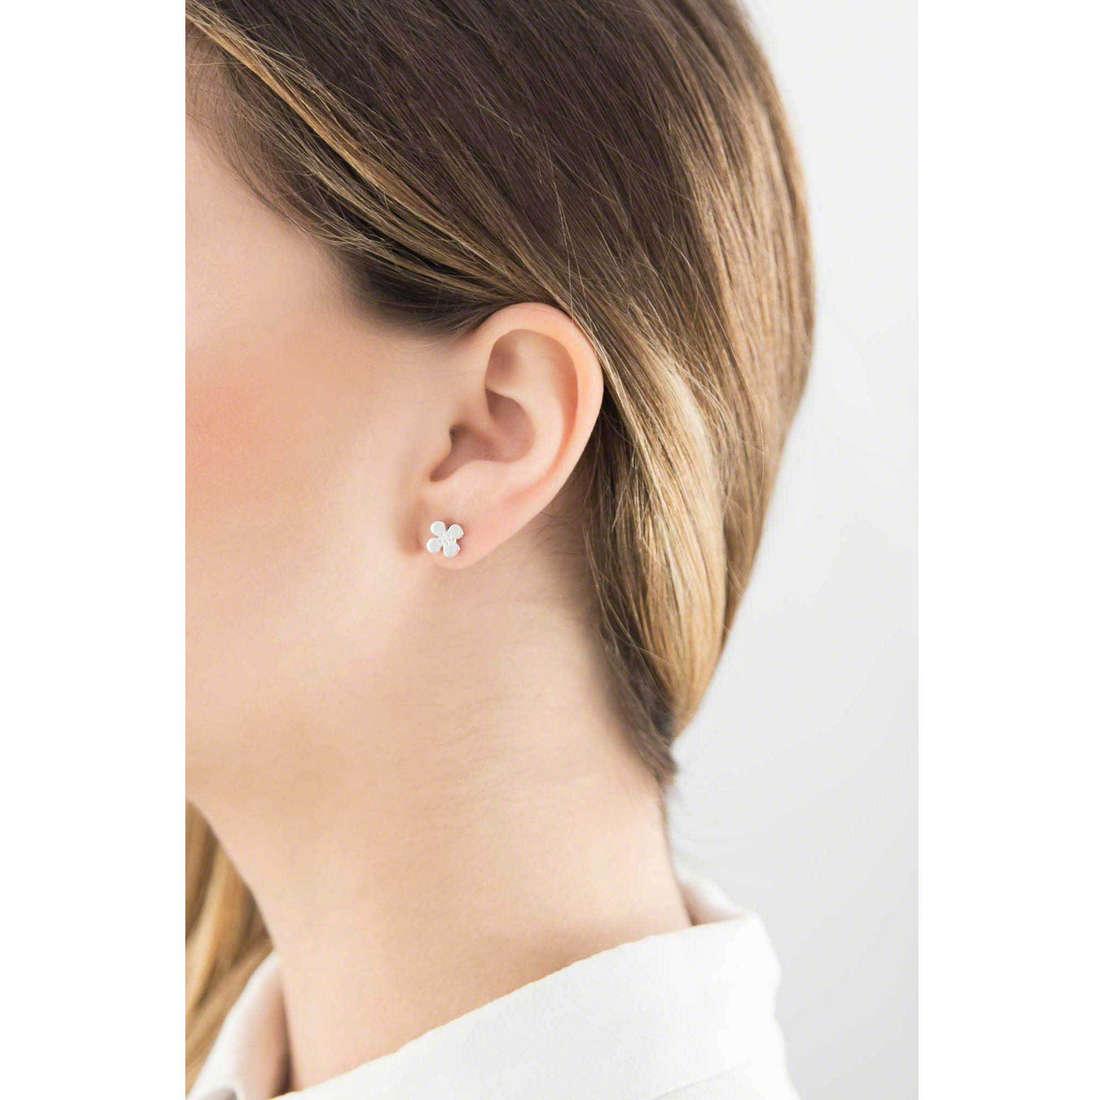 Jack&co earrings Dream woman JCE0324 indosso